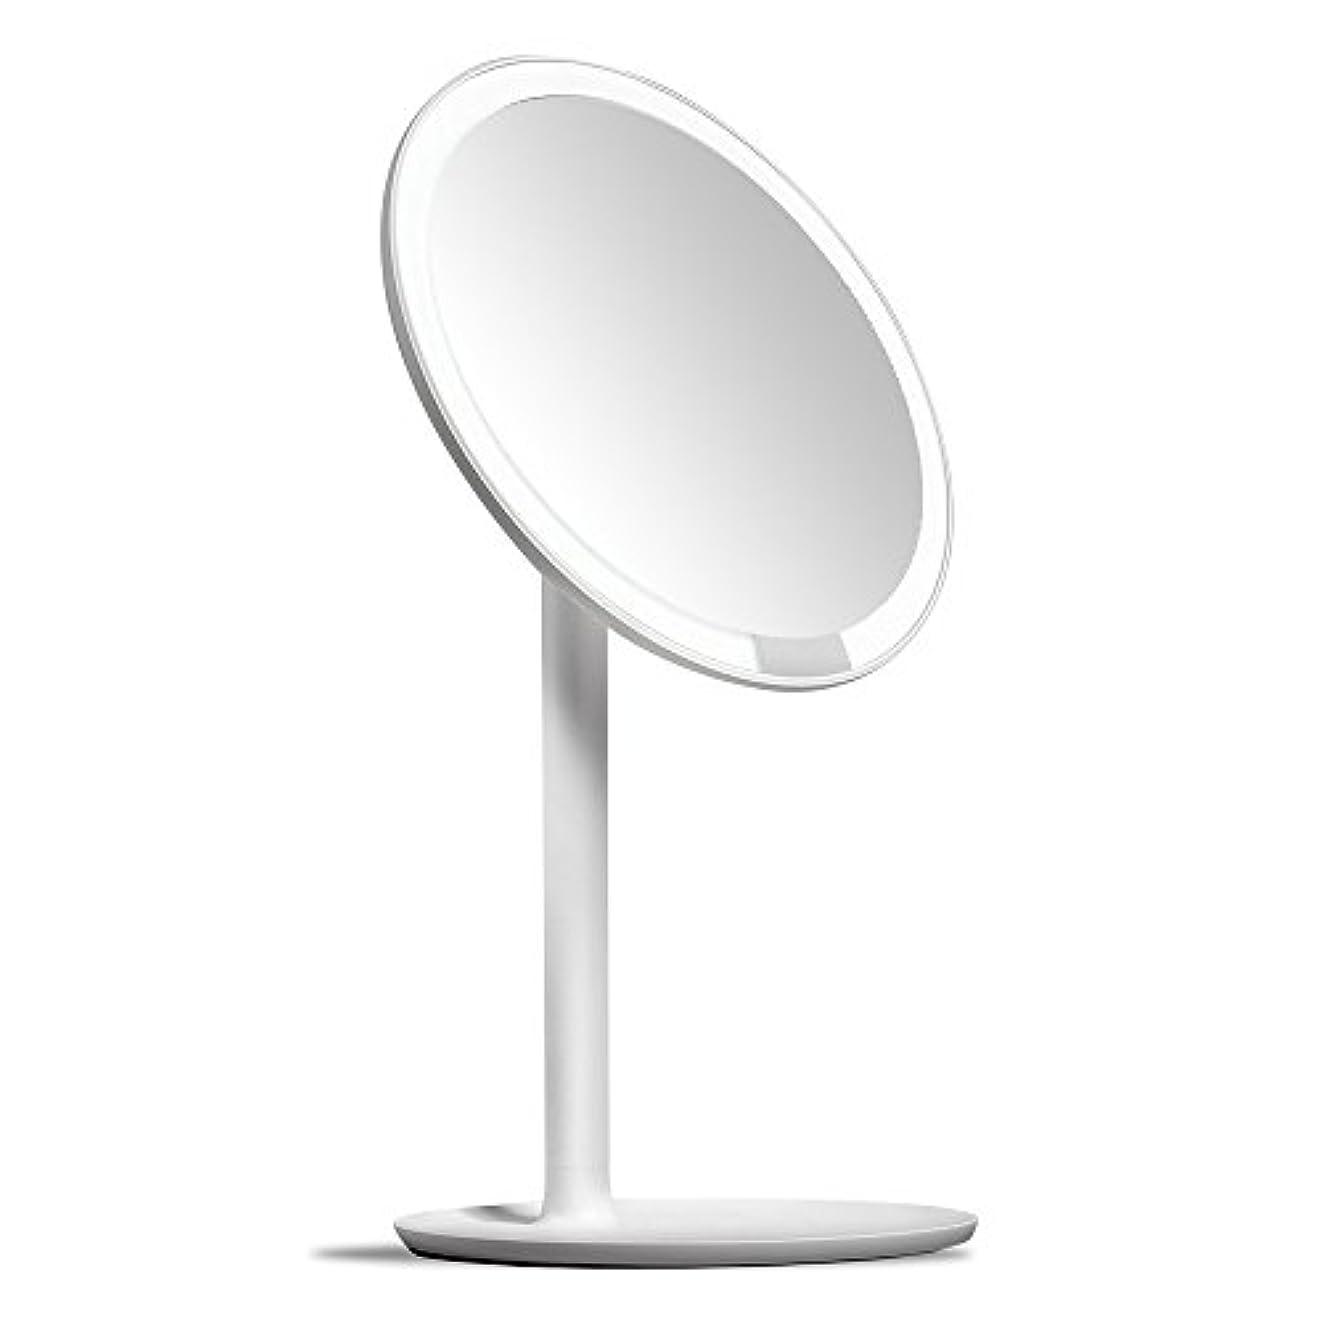 まだらウォーターフロント医療過誤AMIRO 化粧鏡 化粧ミラー LEDライト付き 卓上鏡 女優ミラー 3段階明るさ調節可能 コードレス 充電式